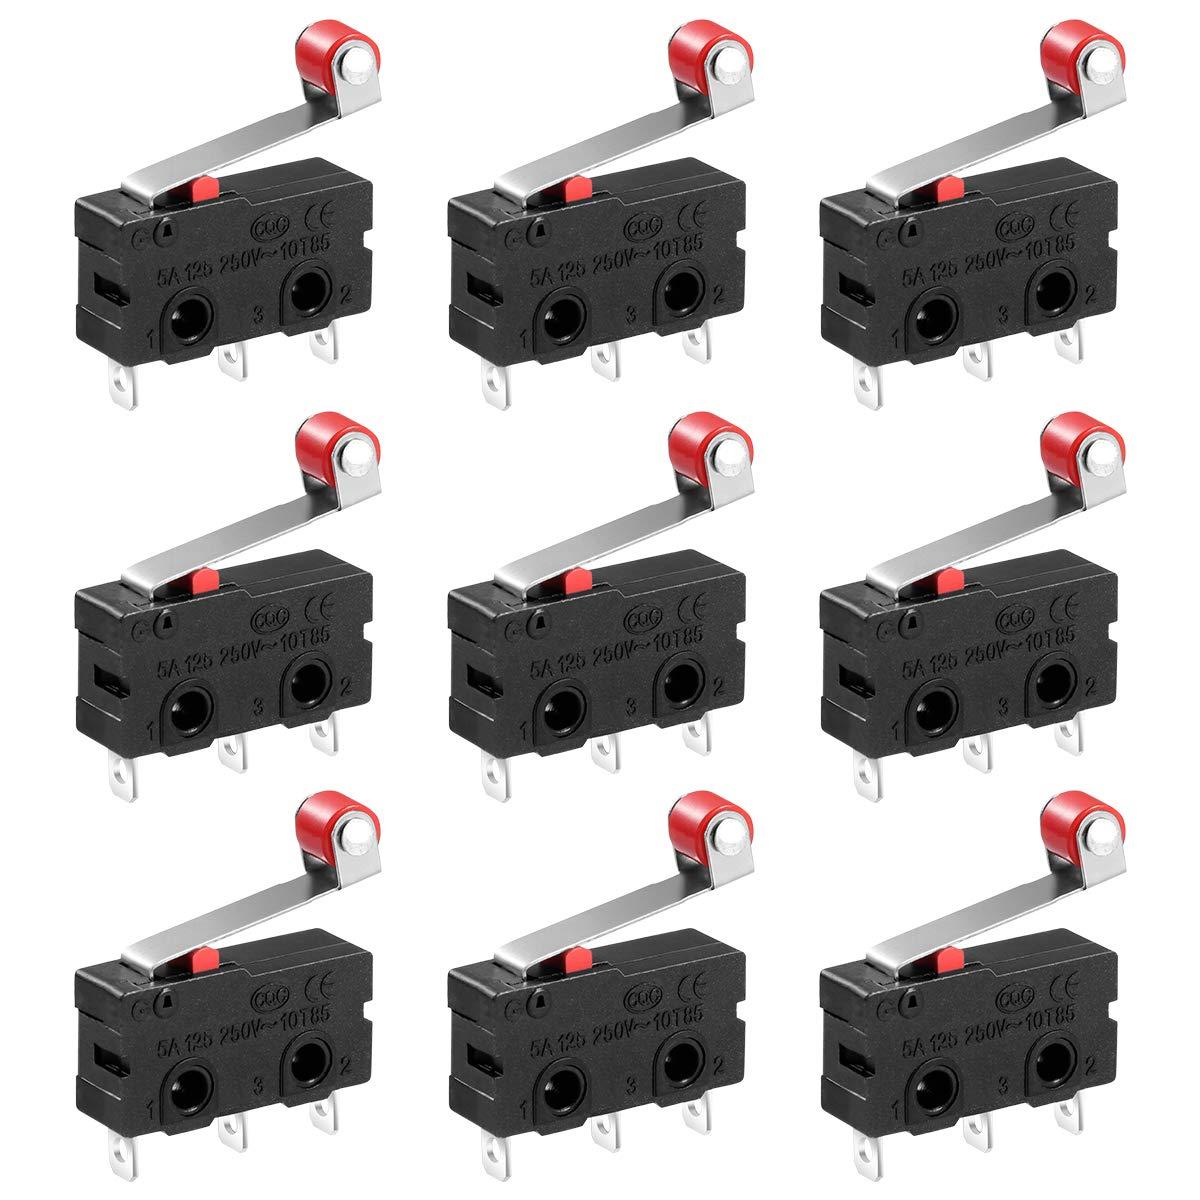 10x Microrupteurs /à Galet 125V /à 250V 5A SPDT Charni/ère momentan/ée 3 Broches Levier Bras Ouvert Fermer Interrupteur de Fin de Course